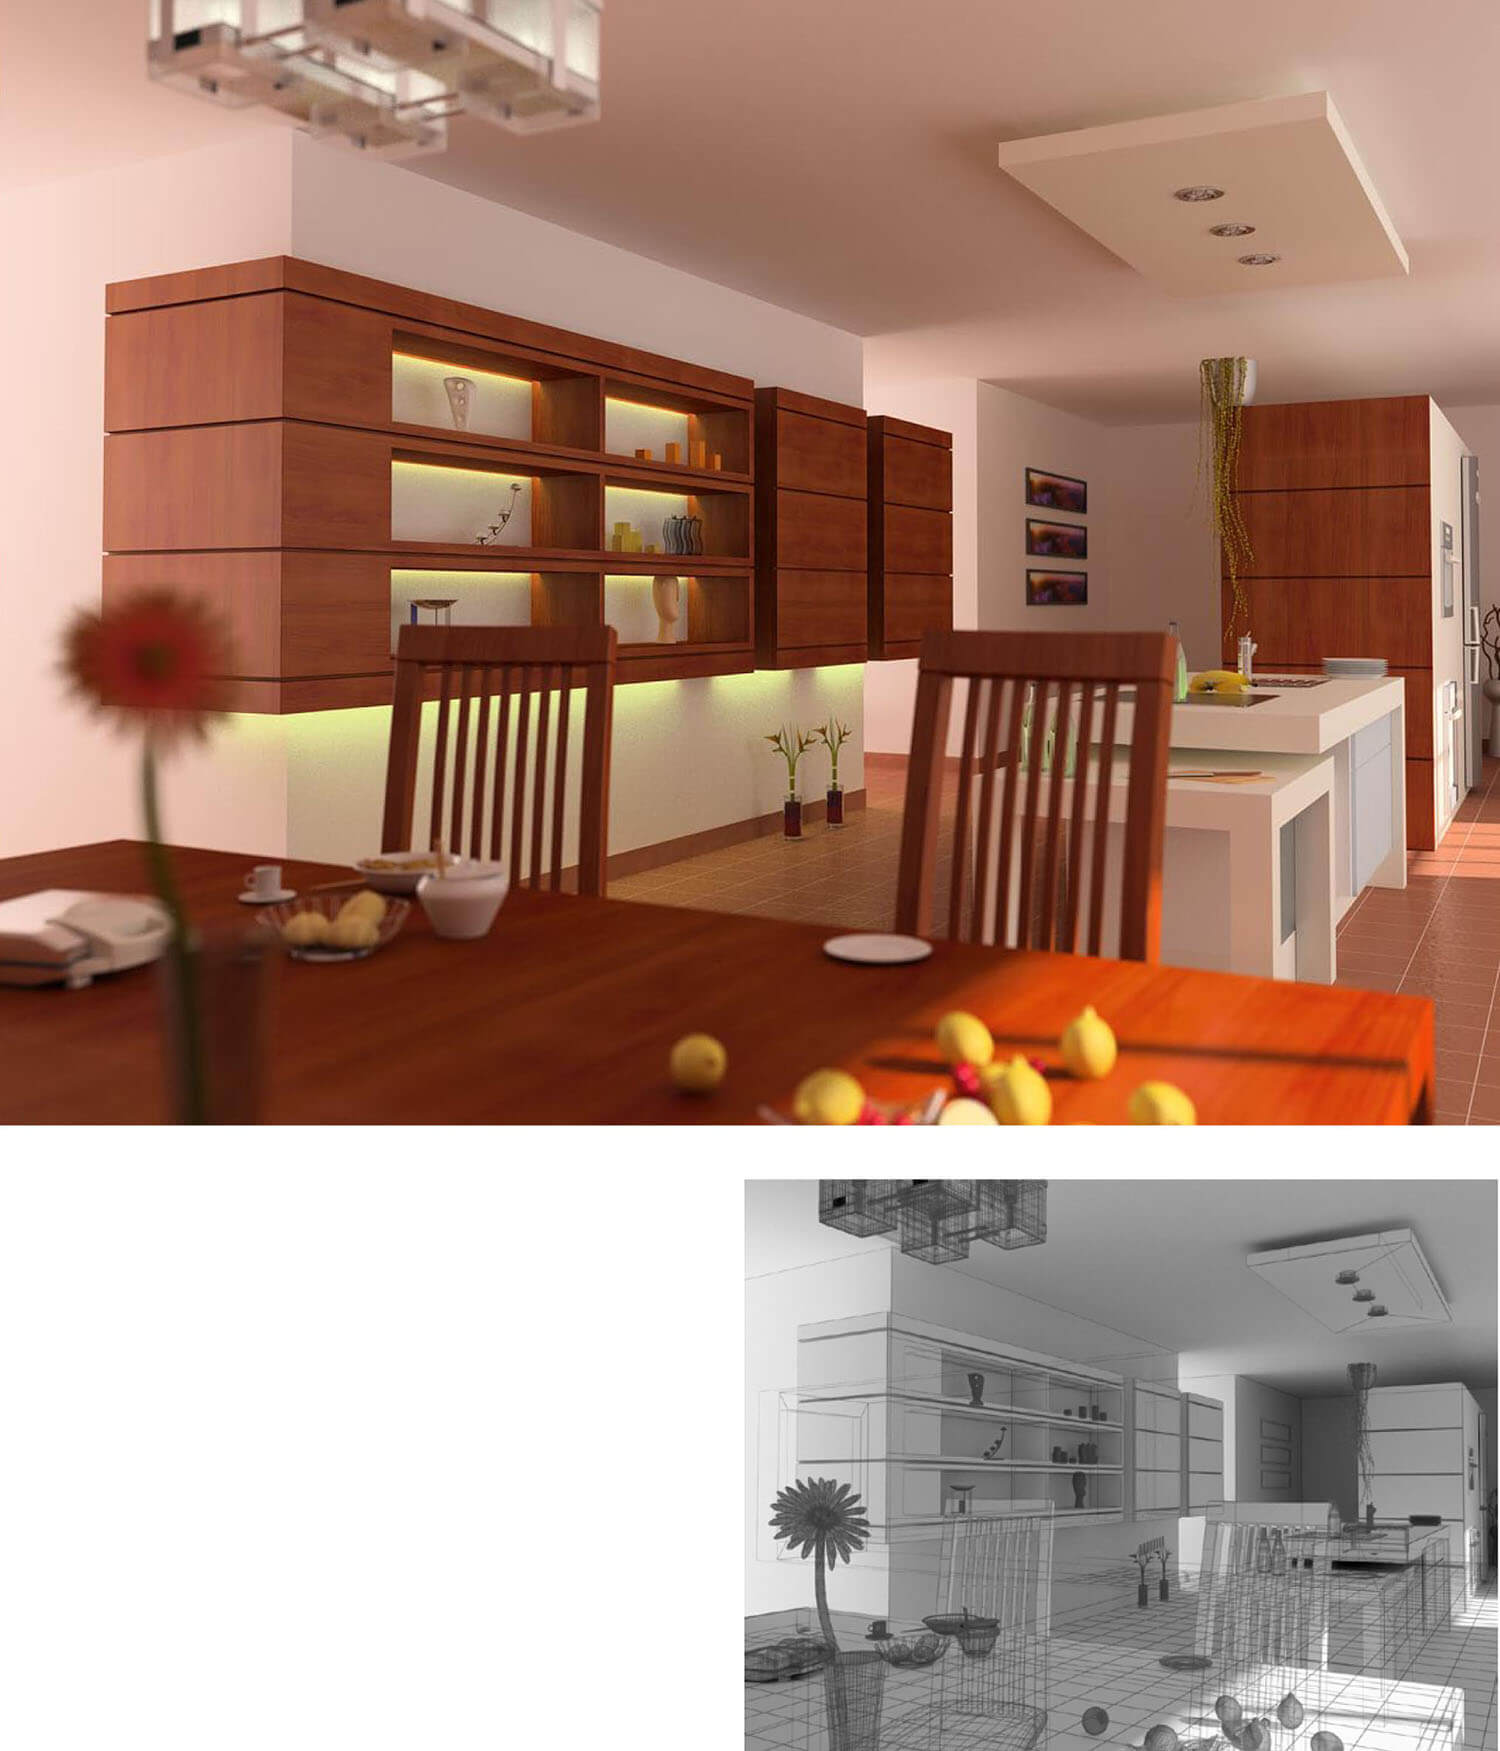 Trang trí đẹp mắt với nội thất tủ bếp dạng hộp treo tường